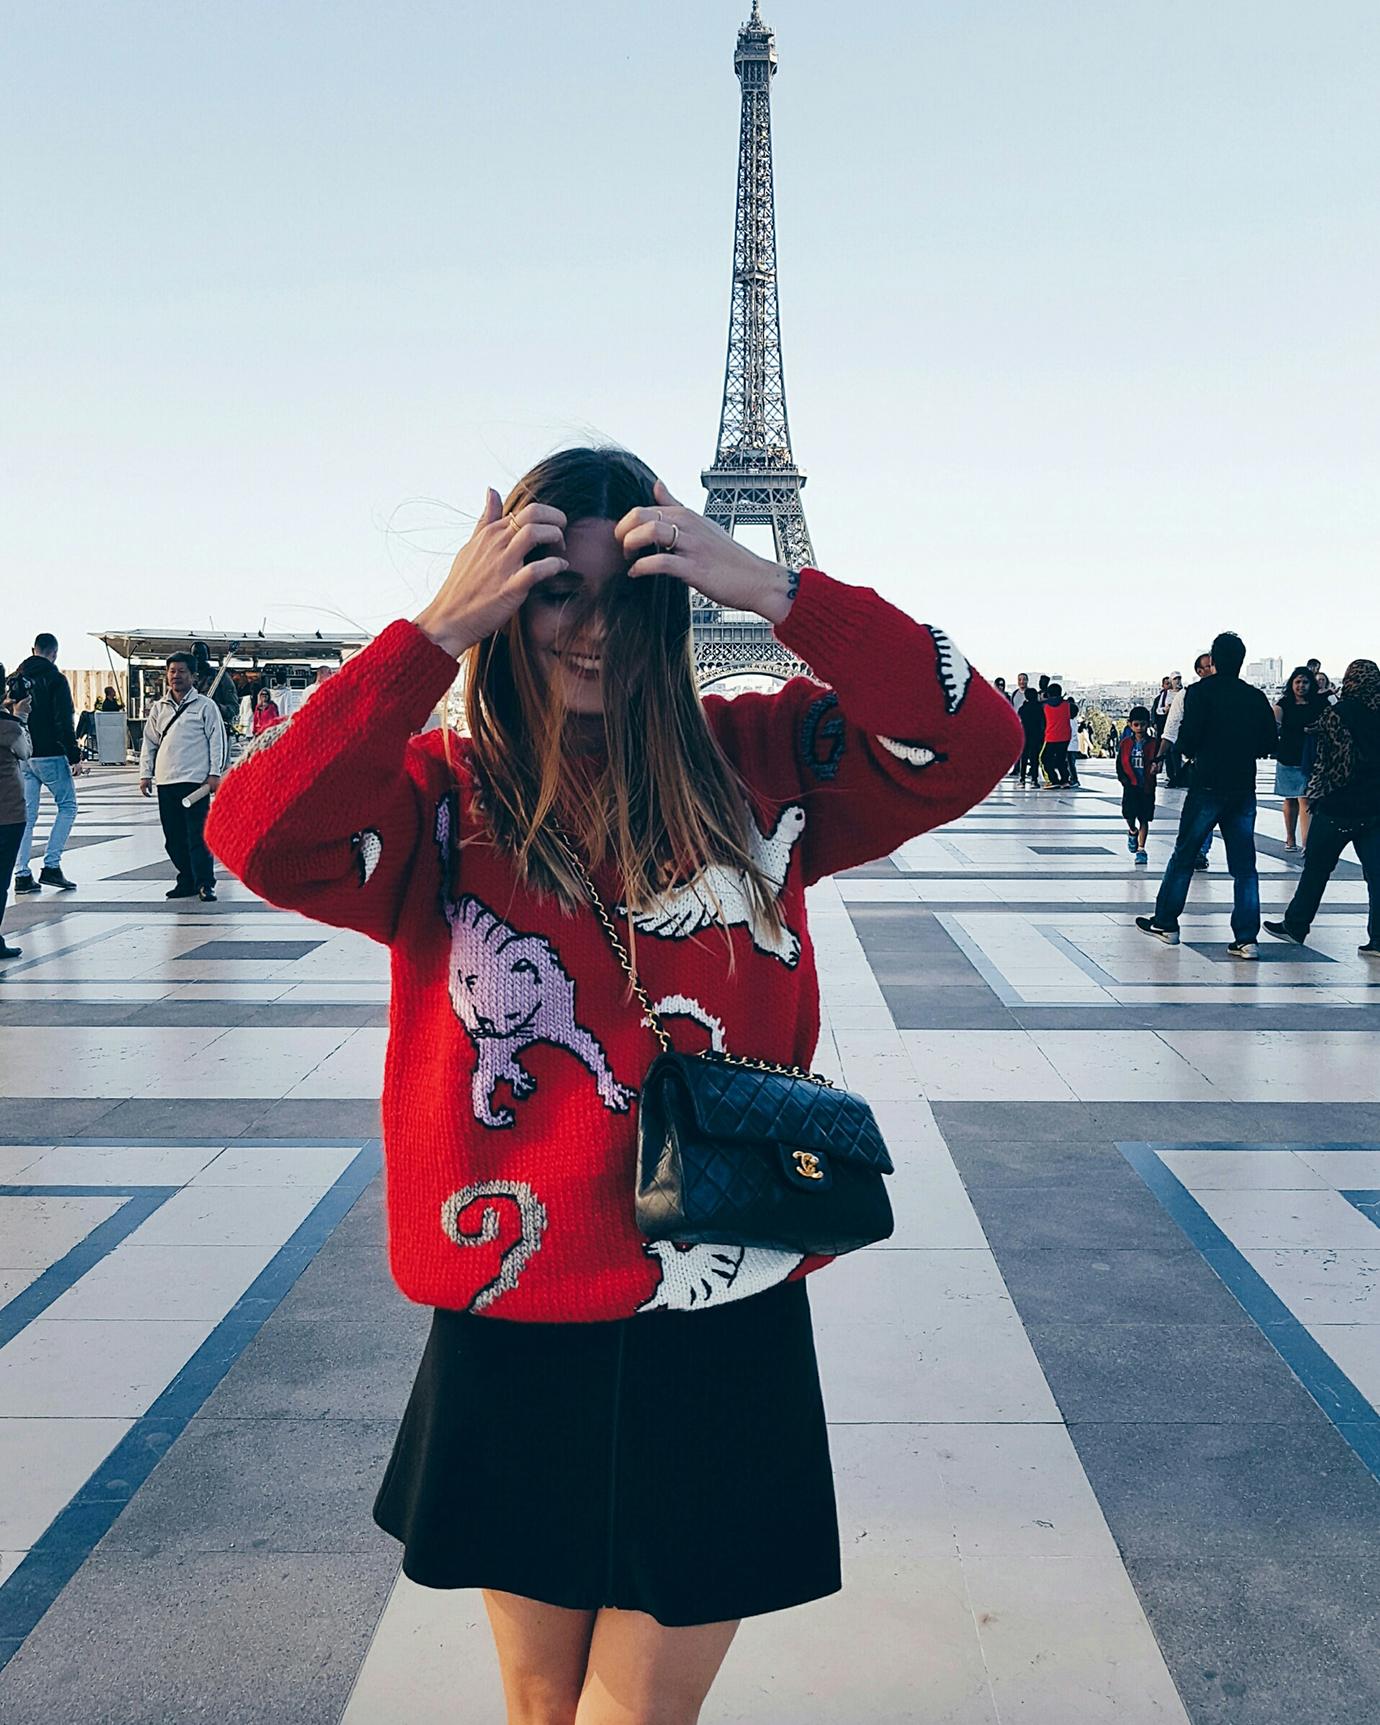 7things_39_happy_in_paris